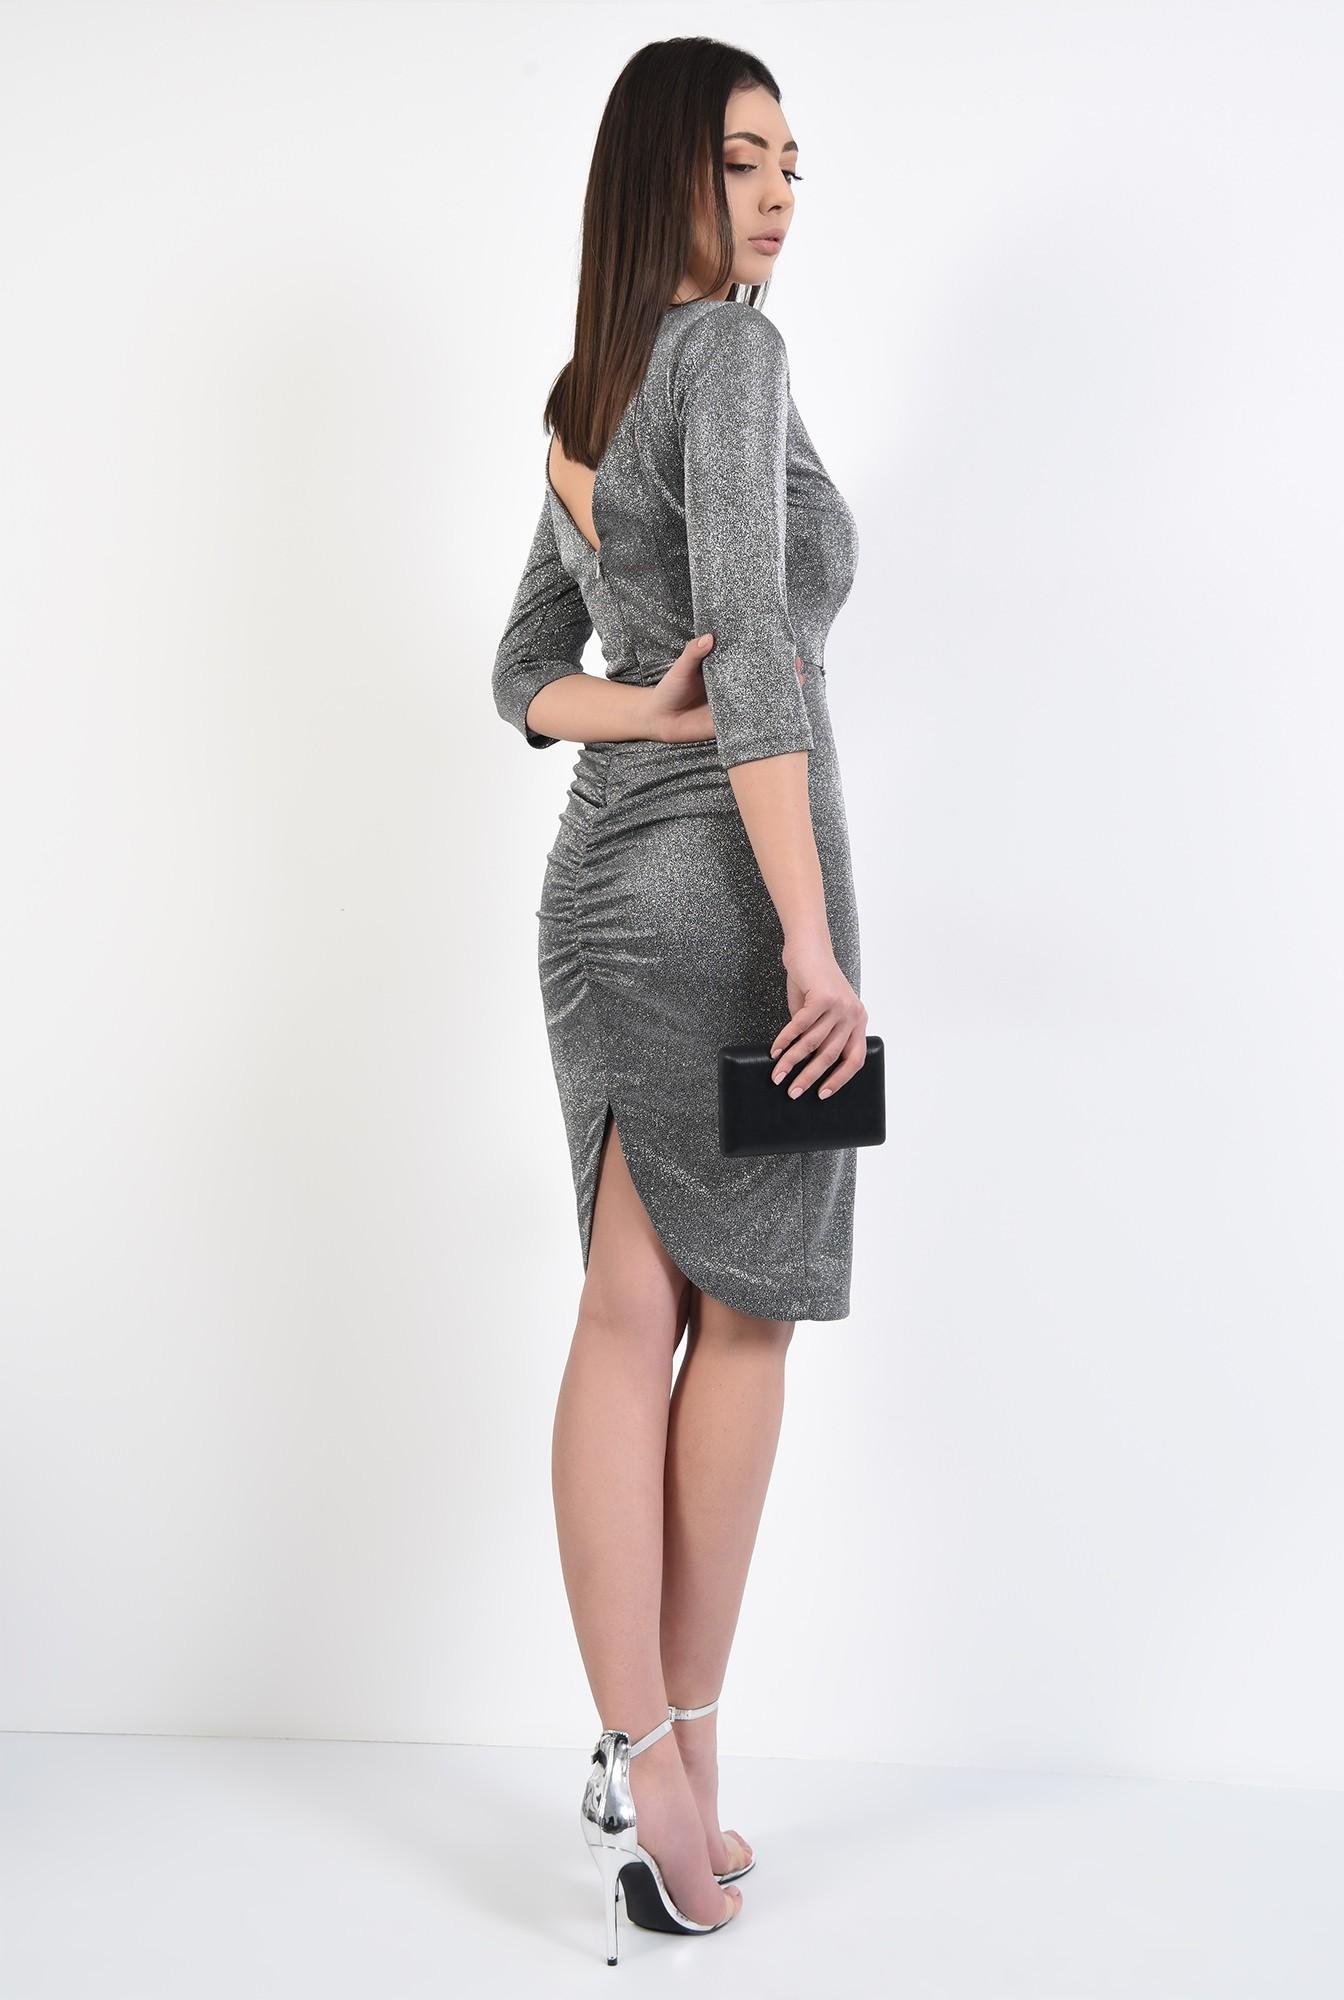 0 - rochie midi, conica, stretch, cu fronseuri la spate, spate decupat